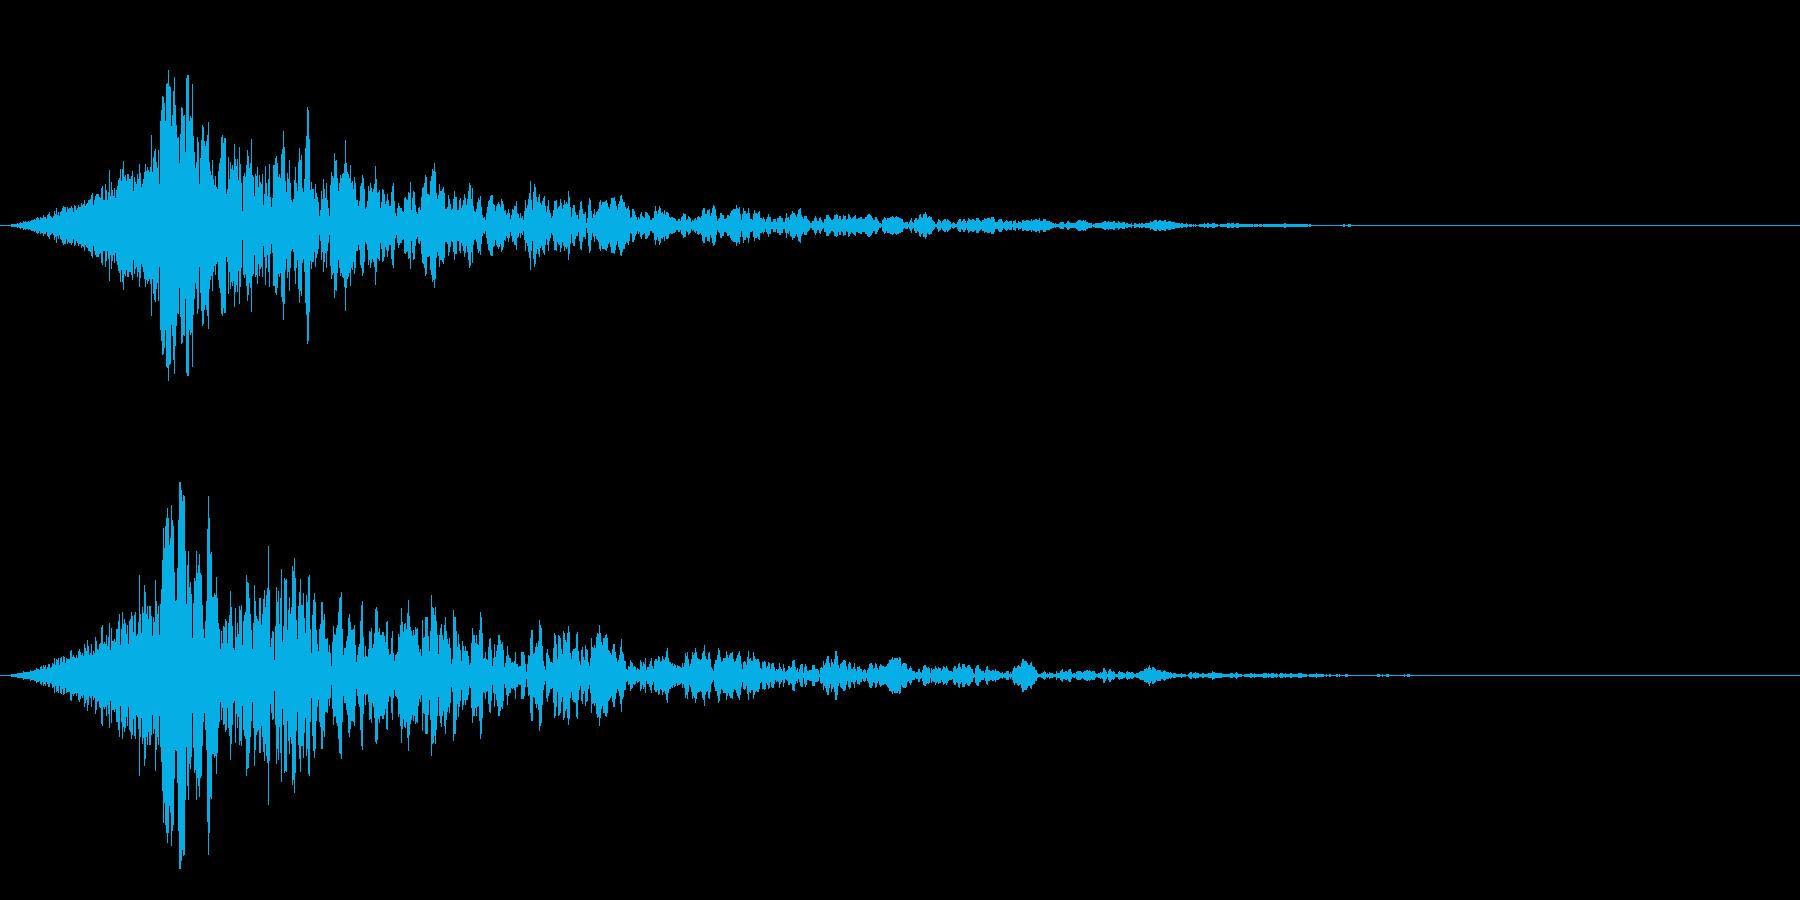 シュードーン-18-4(インパクト音)の再生済みの波形